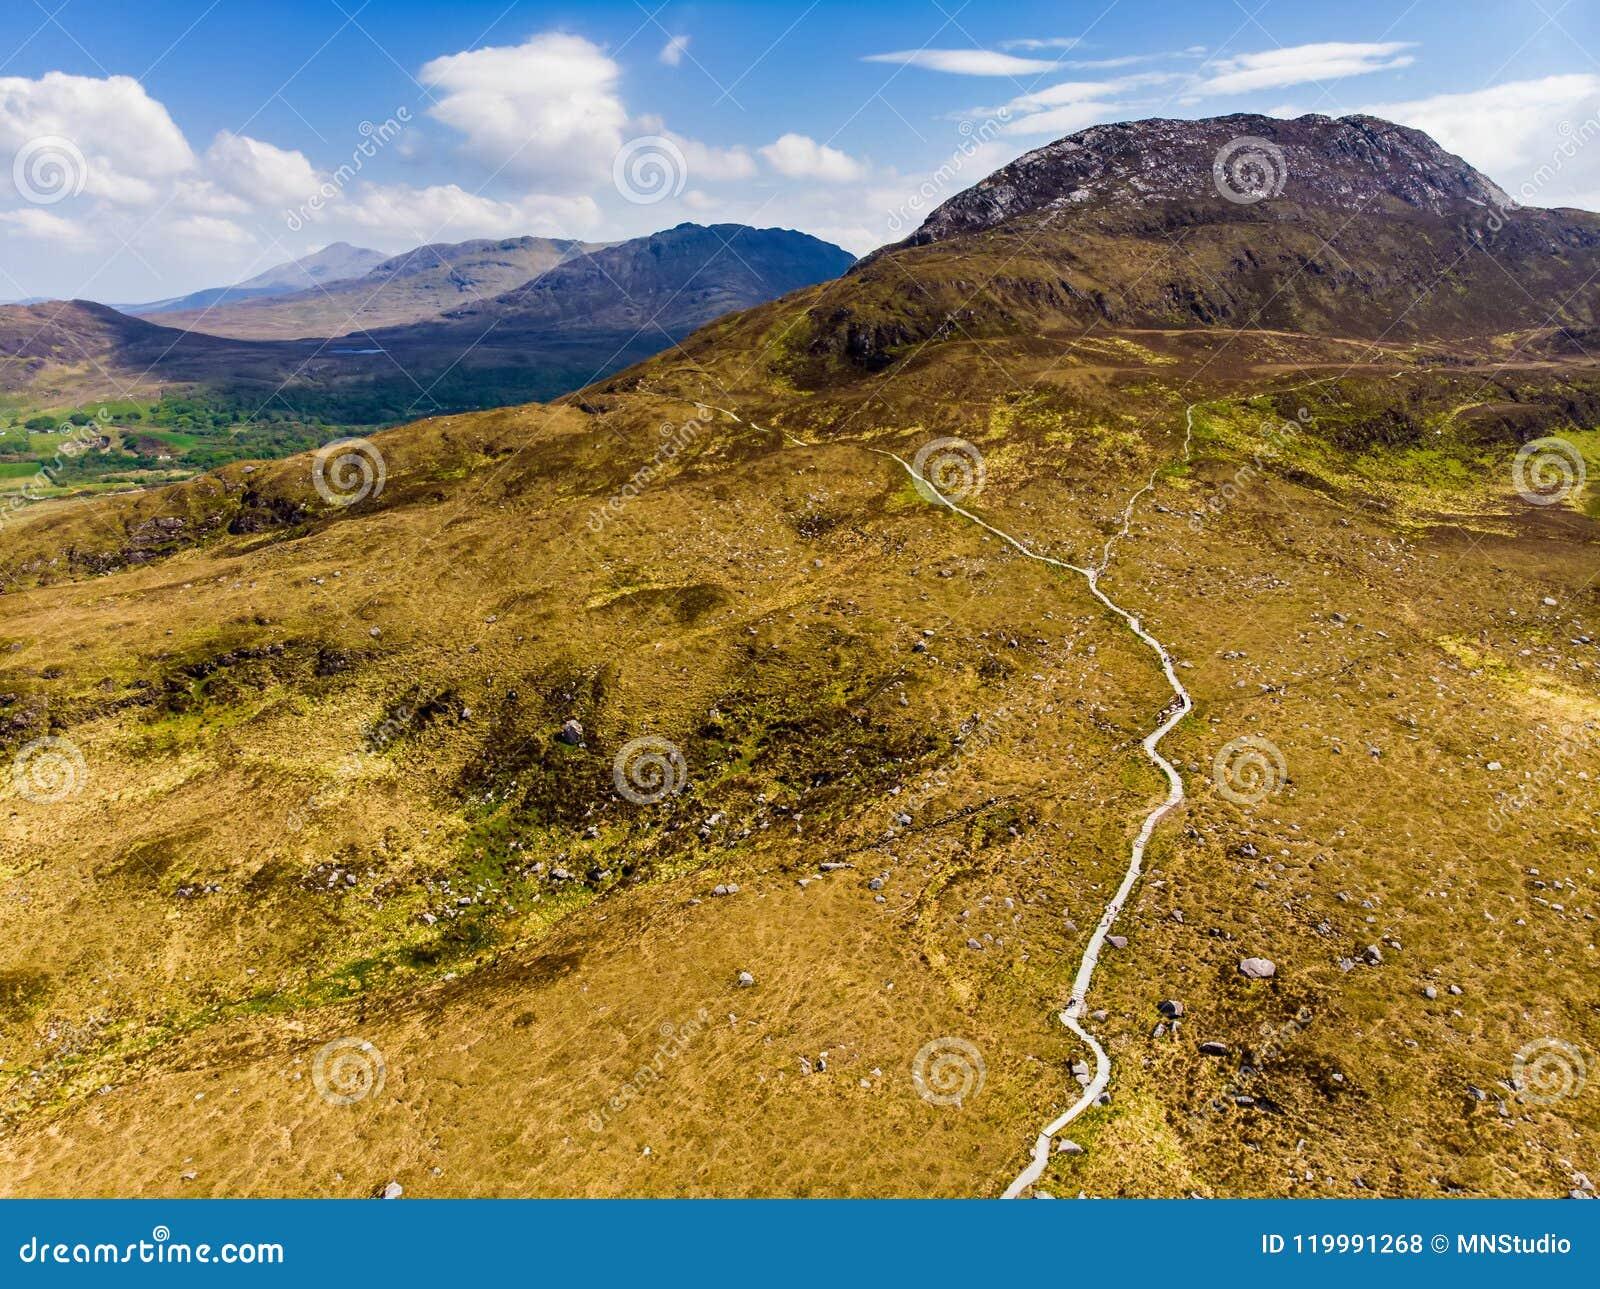 Красивый вид национального парка Connemara, известный для трясин и вересков, наблюданный сверх своей конусовидной горой, холм диа